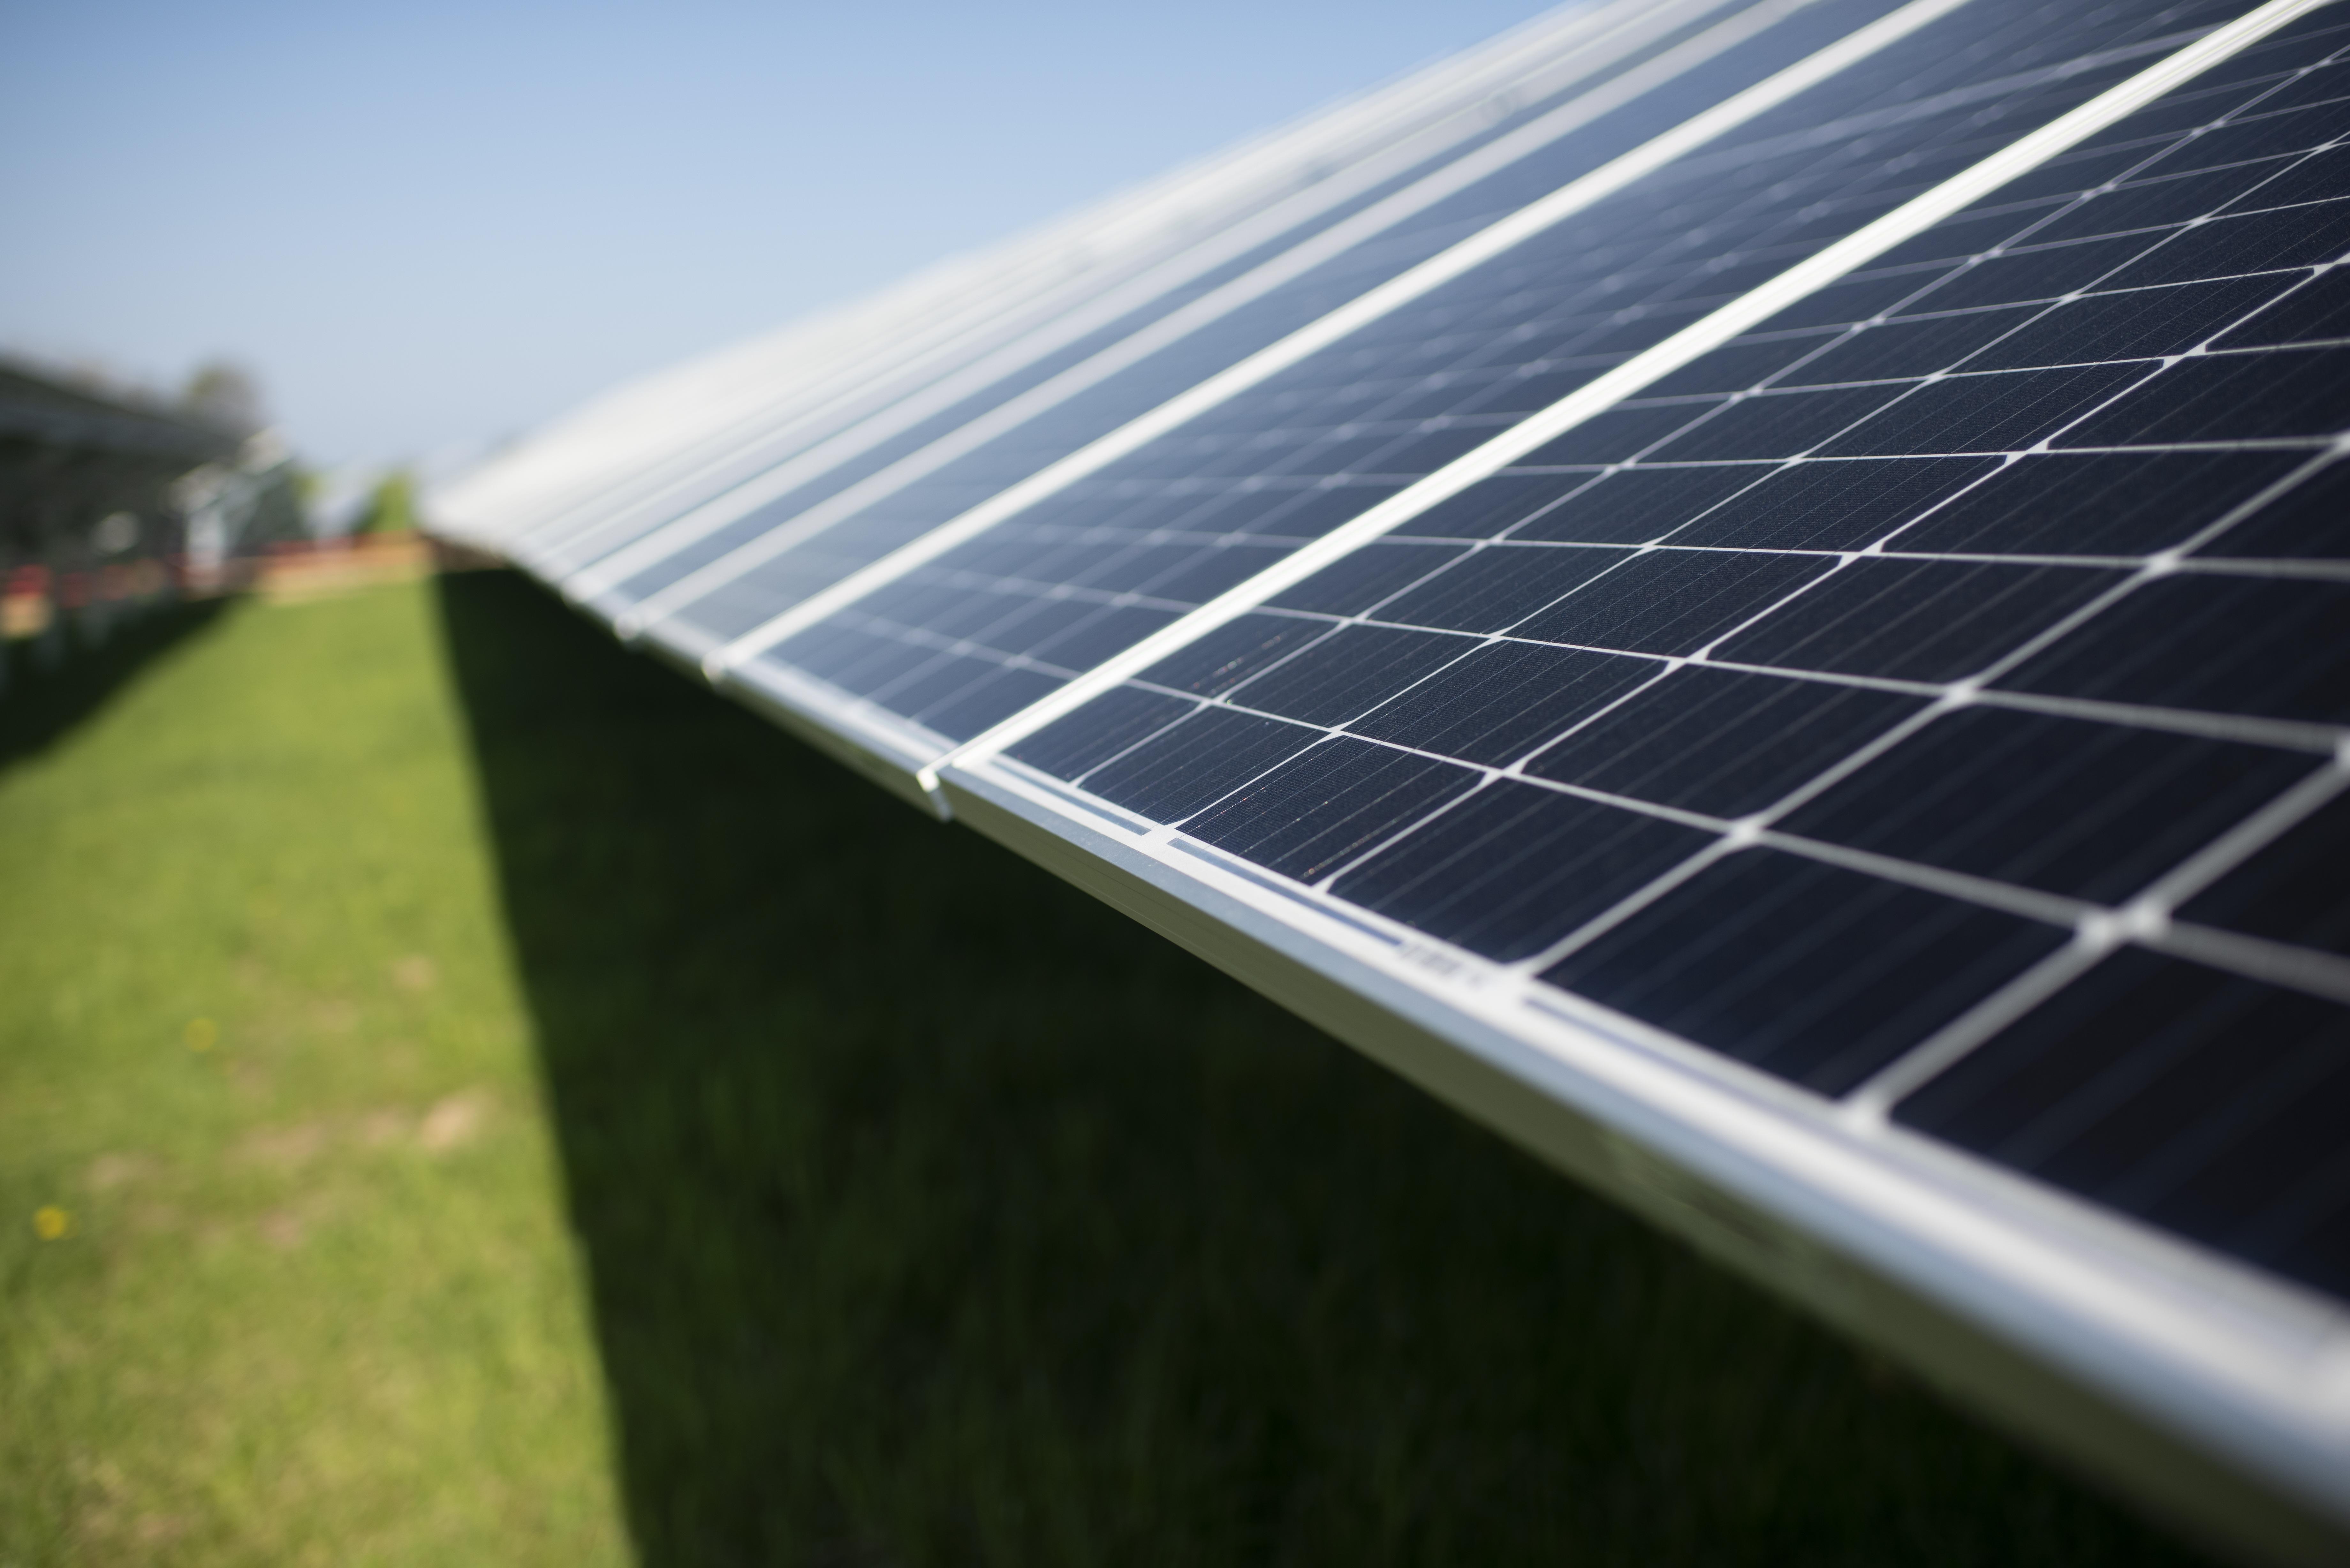 Cashton solar panels wi 051519 0053